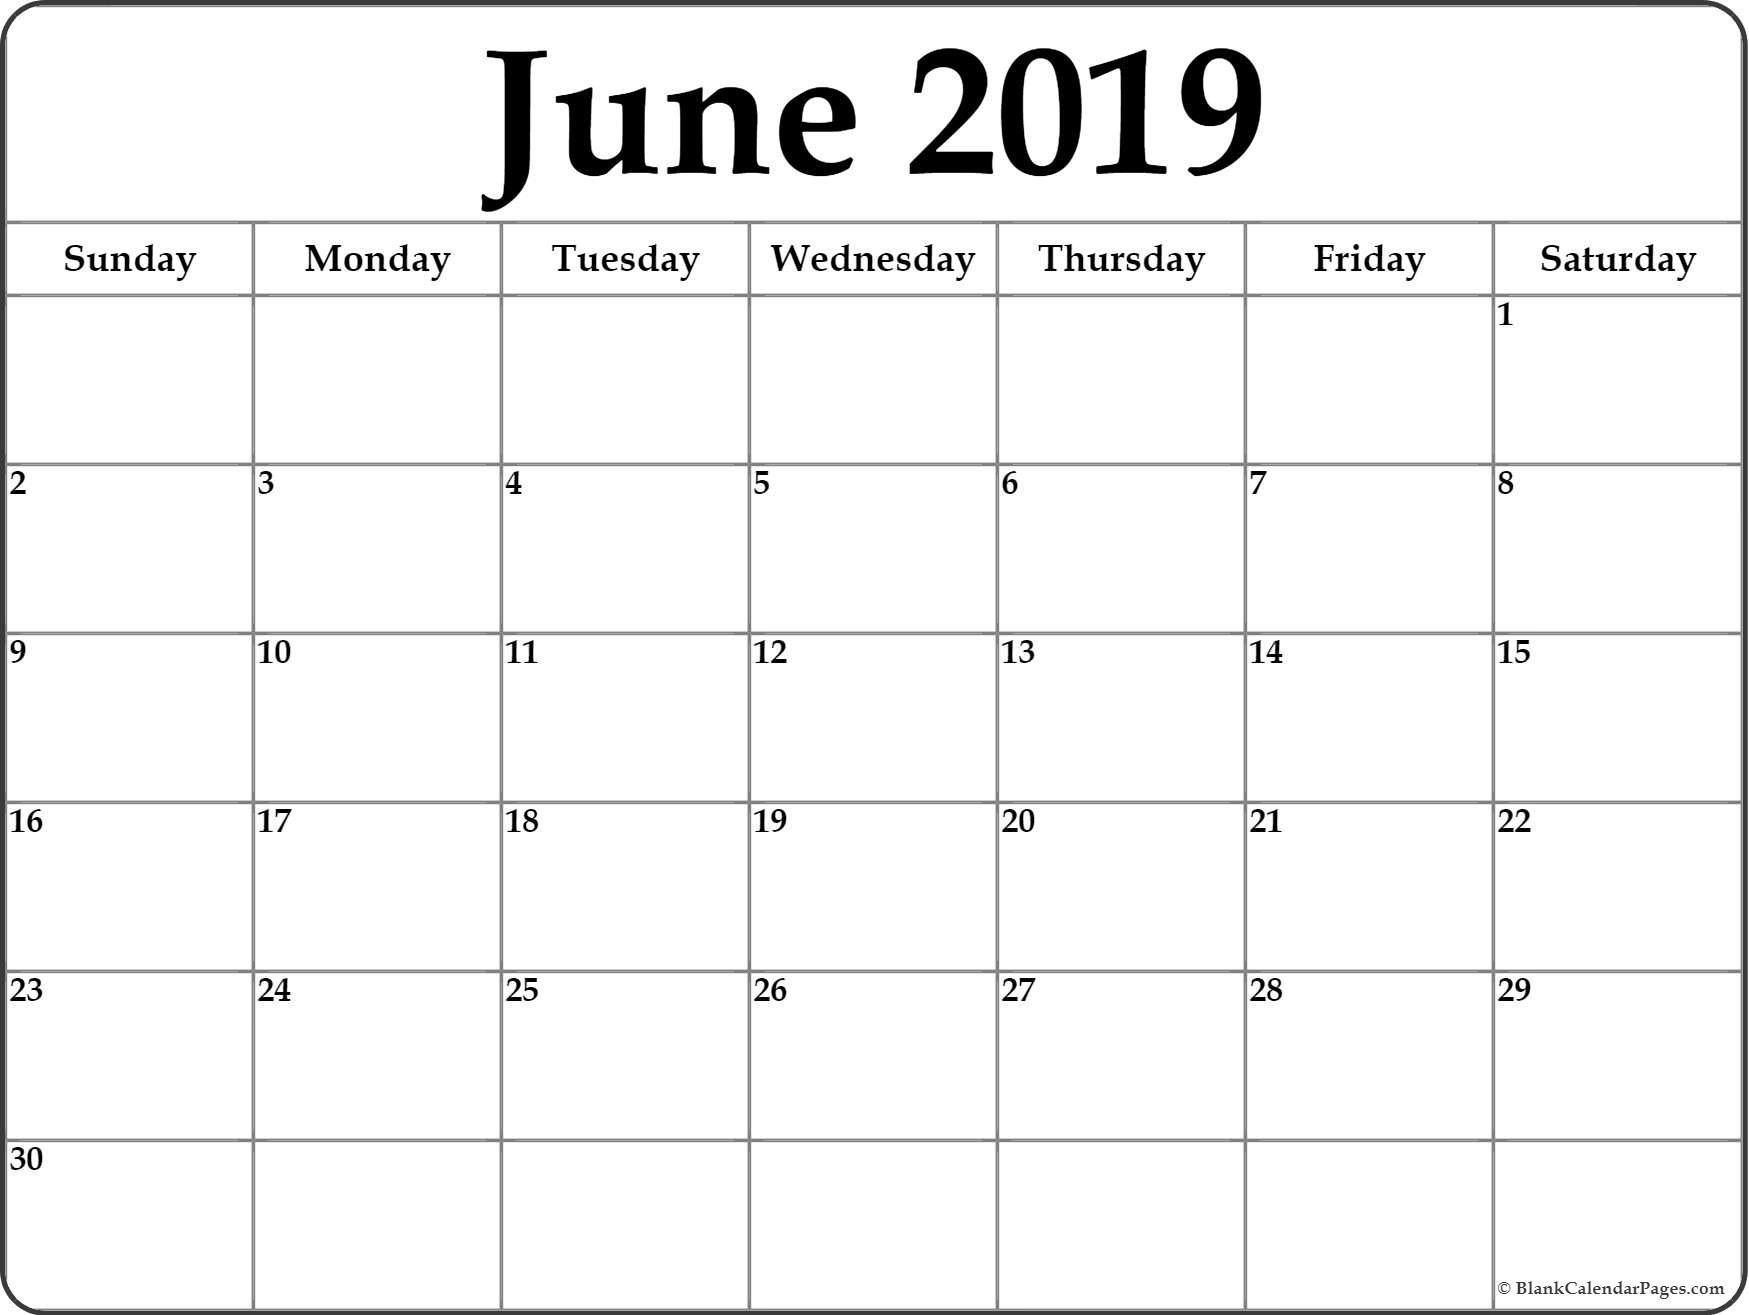 Blank Monthly Calendar June 2019 - Icard.cmi-C Calendar 2019 Blank